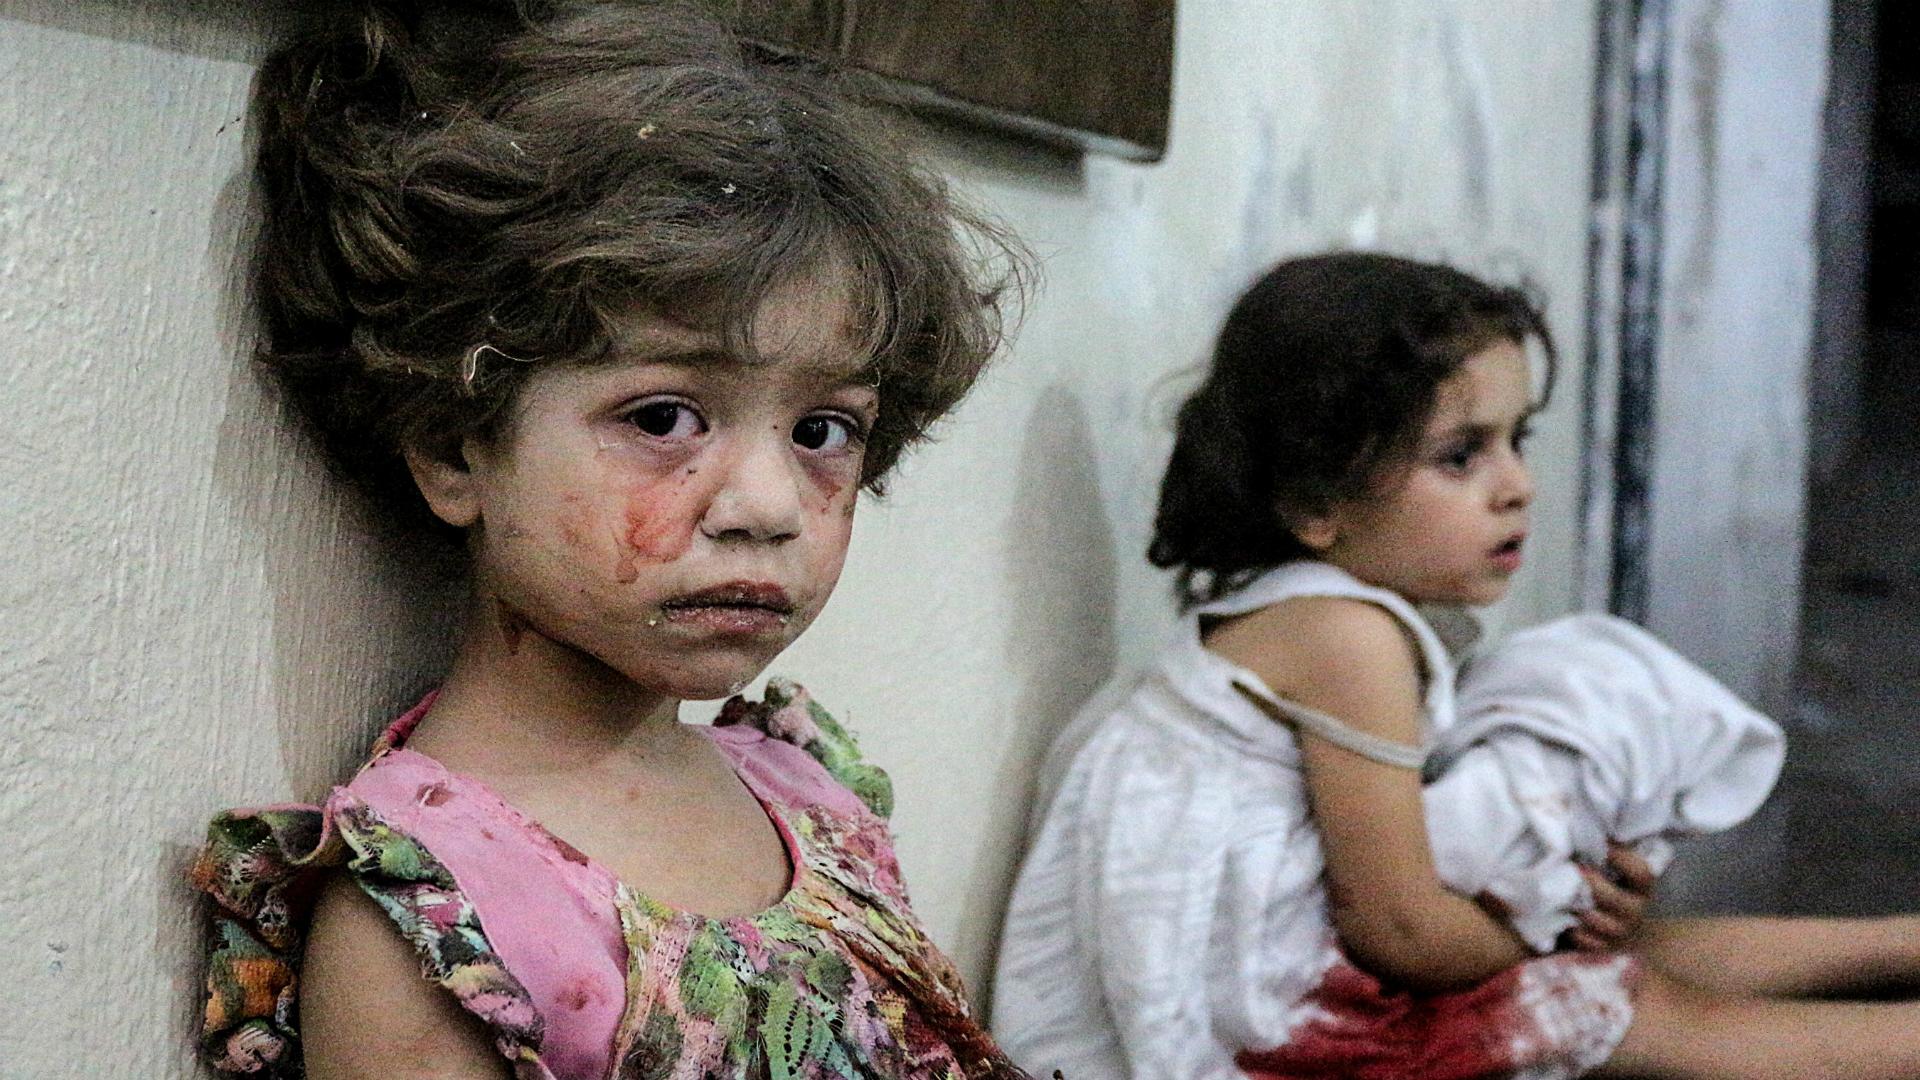 Syrian children suffering from trauma - 2017 (Anadolu Agency)